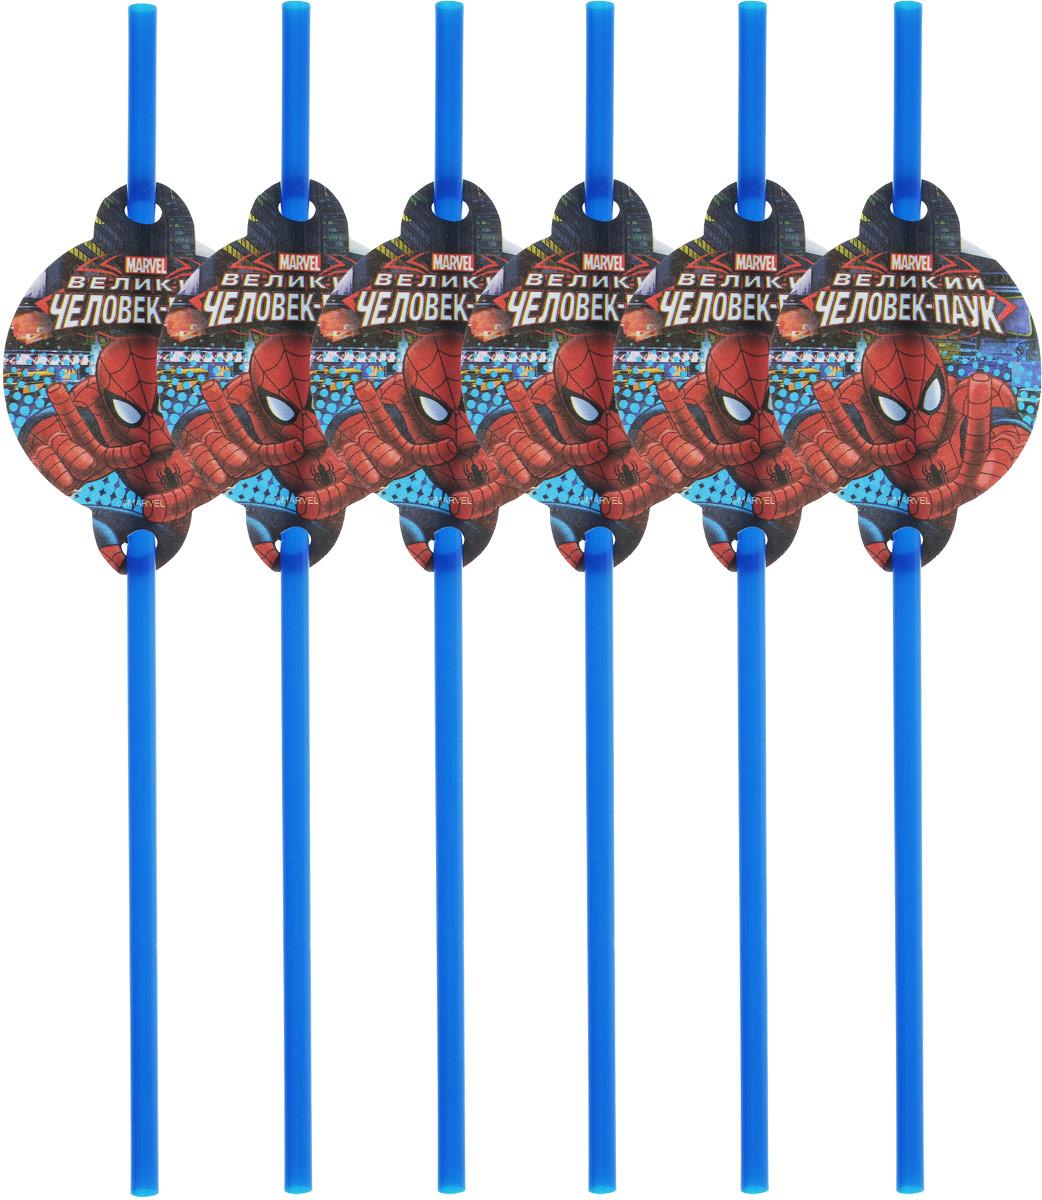 """Трубочки для коктейля Пати Бум """"Человек-Паук"""" подойдут для организации детской  вечеринки, дня рождения и других праздников. Красивые трубочки выполнены из  пластика и оформлены яркими картинками. Такие трубочки для коктейля станут отличным дополнением праздничного  настроения. В наборе 6 трубочек."""